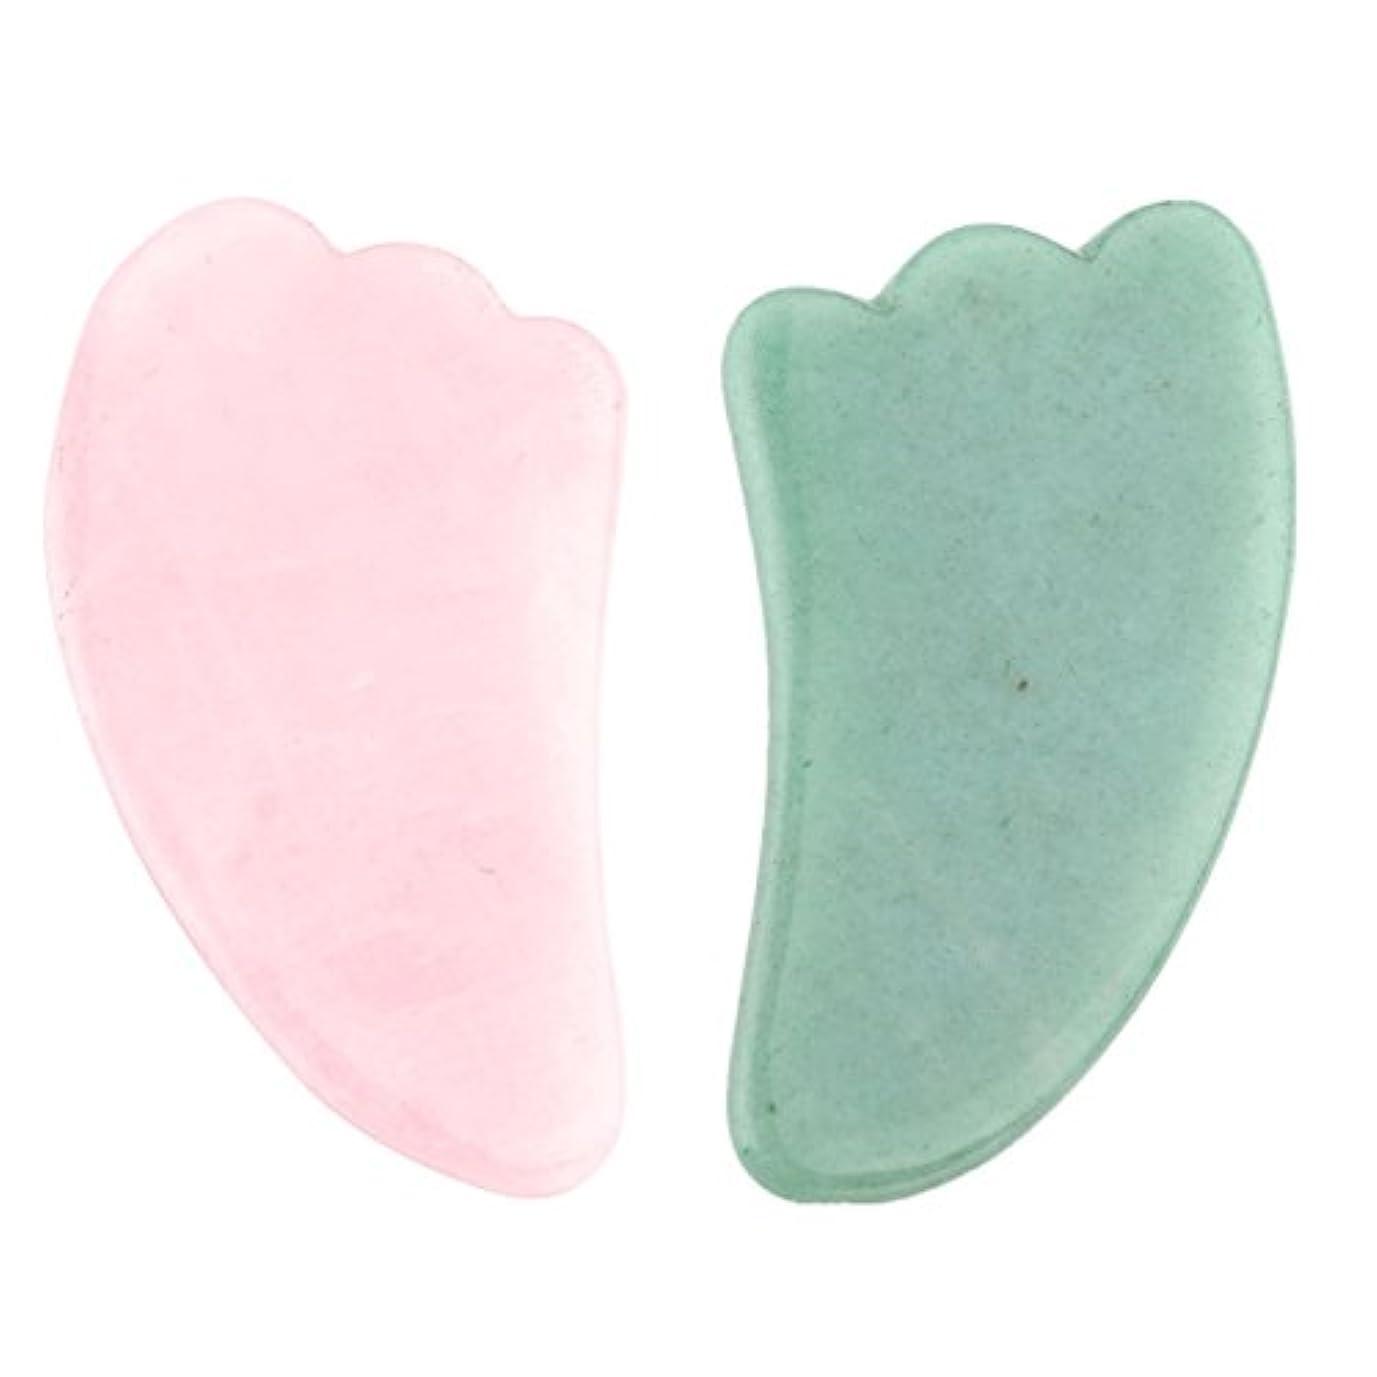 真似る報いる破滅的な2点セット2pcsFace/Body Massage rose quartz/Adventurine Natual Gua Sha wing shape 羽型/翼形状かっさプレート 天然石ローズクォーツ 翡翠,顔?ボディ...